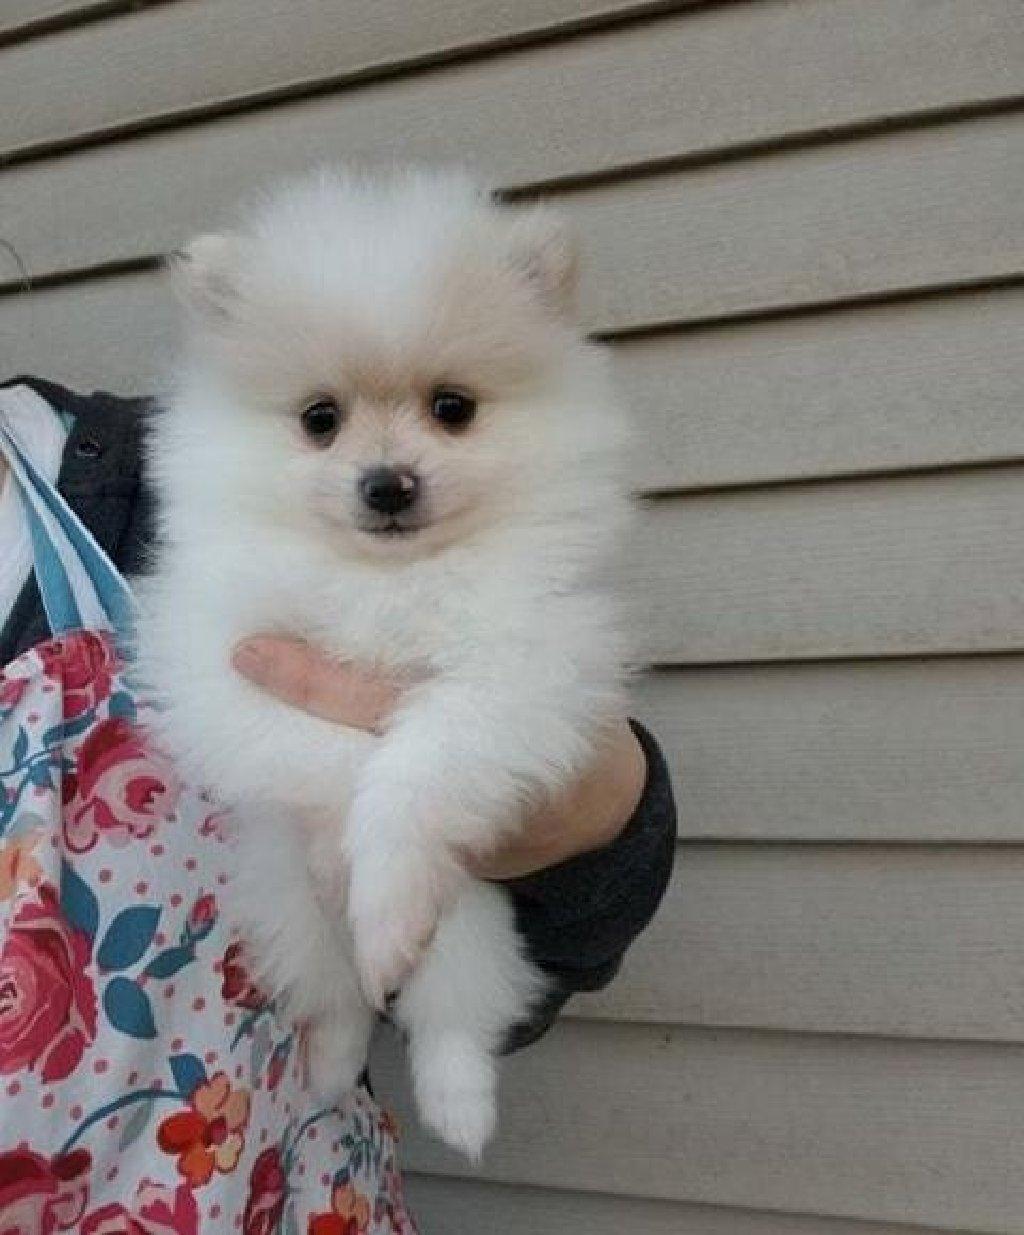 Παιχνιδιάρικα Pomeranian κουτάβια που αναζητούν νέο σπίτι